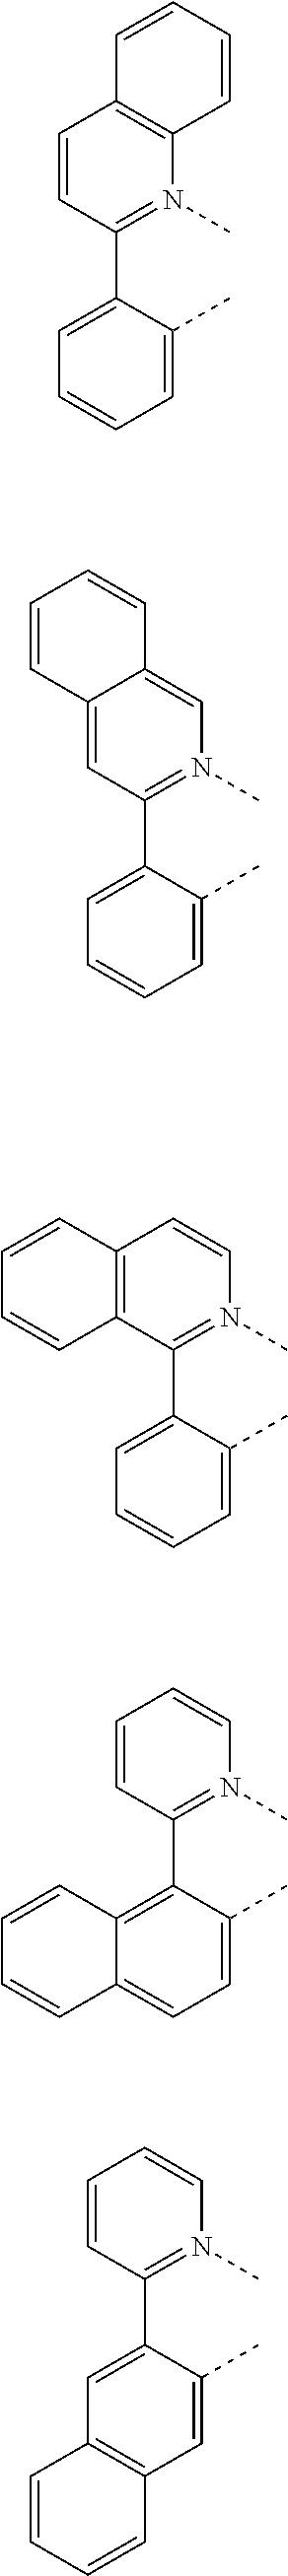 Figure US09773985-20170926-C00264